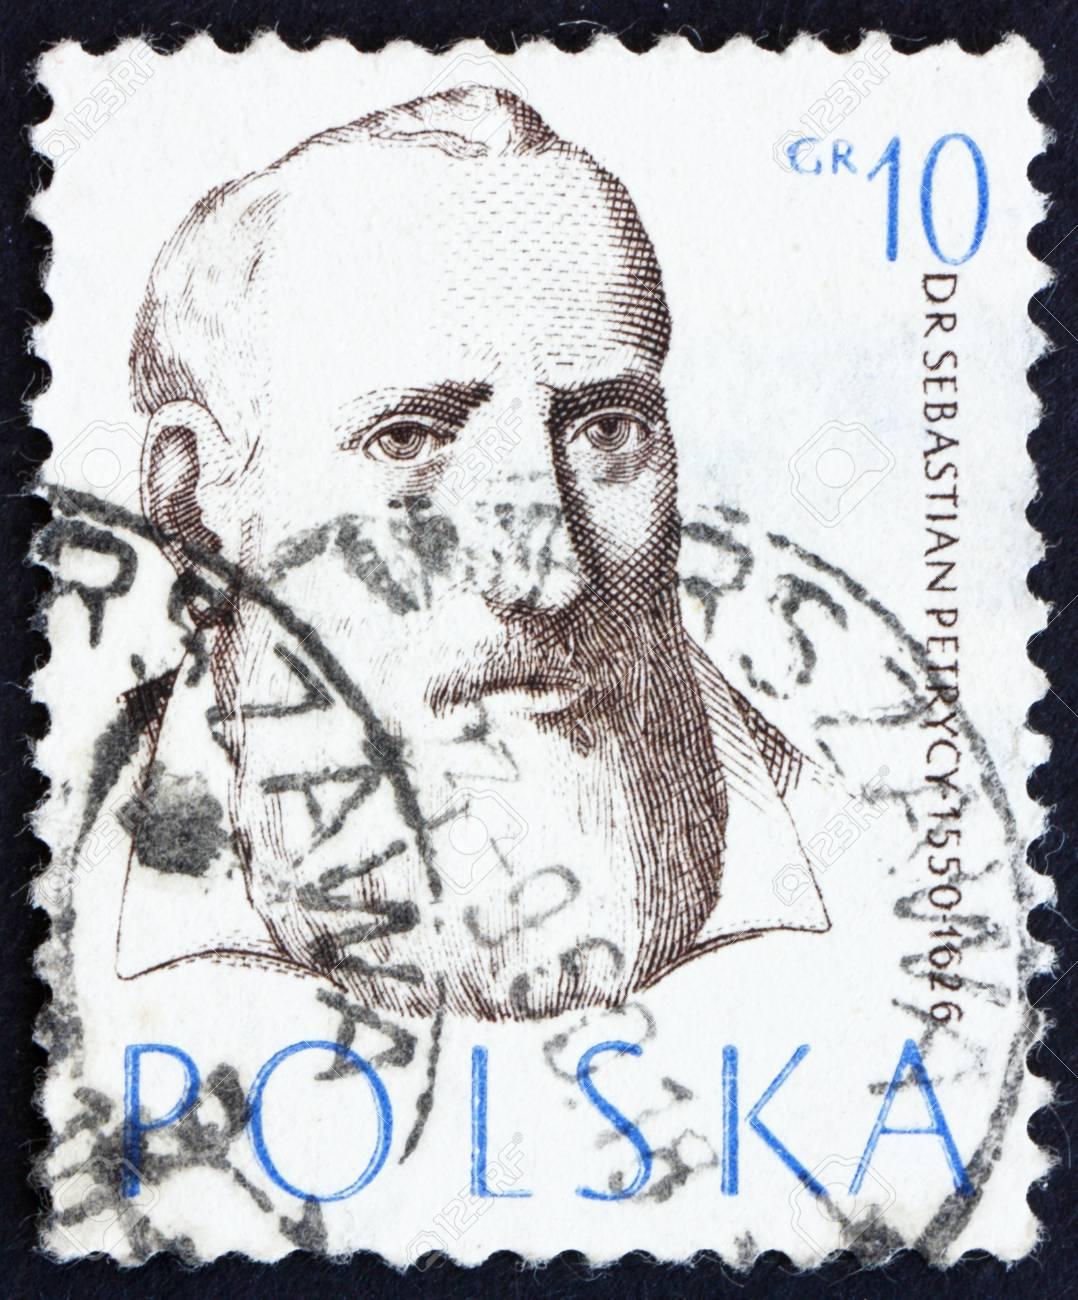 POLAND - CIRCA 1957: a stamp printed in the Poland shows Sebastian Petrycy, Philosopher and Physician, circa 1957 Stock Photo - 14514399